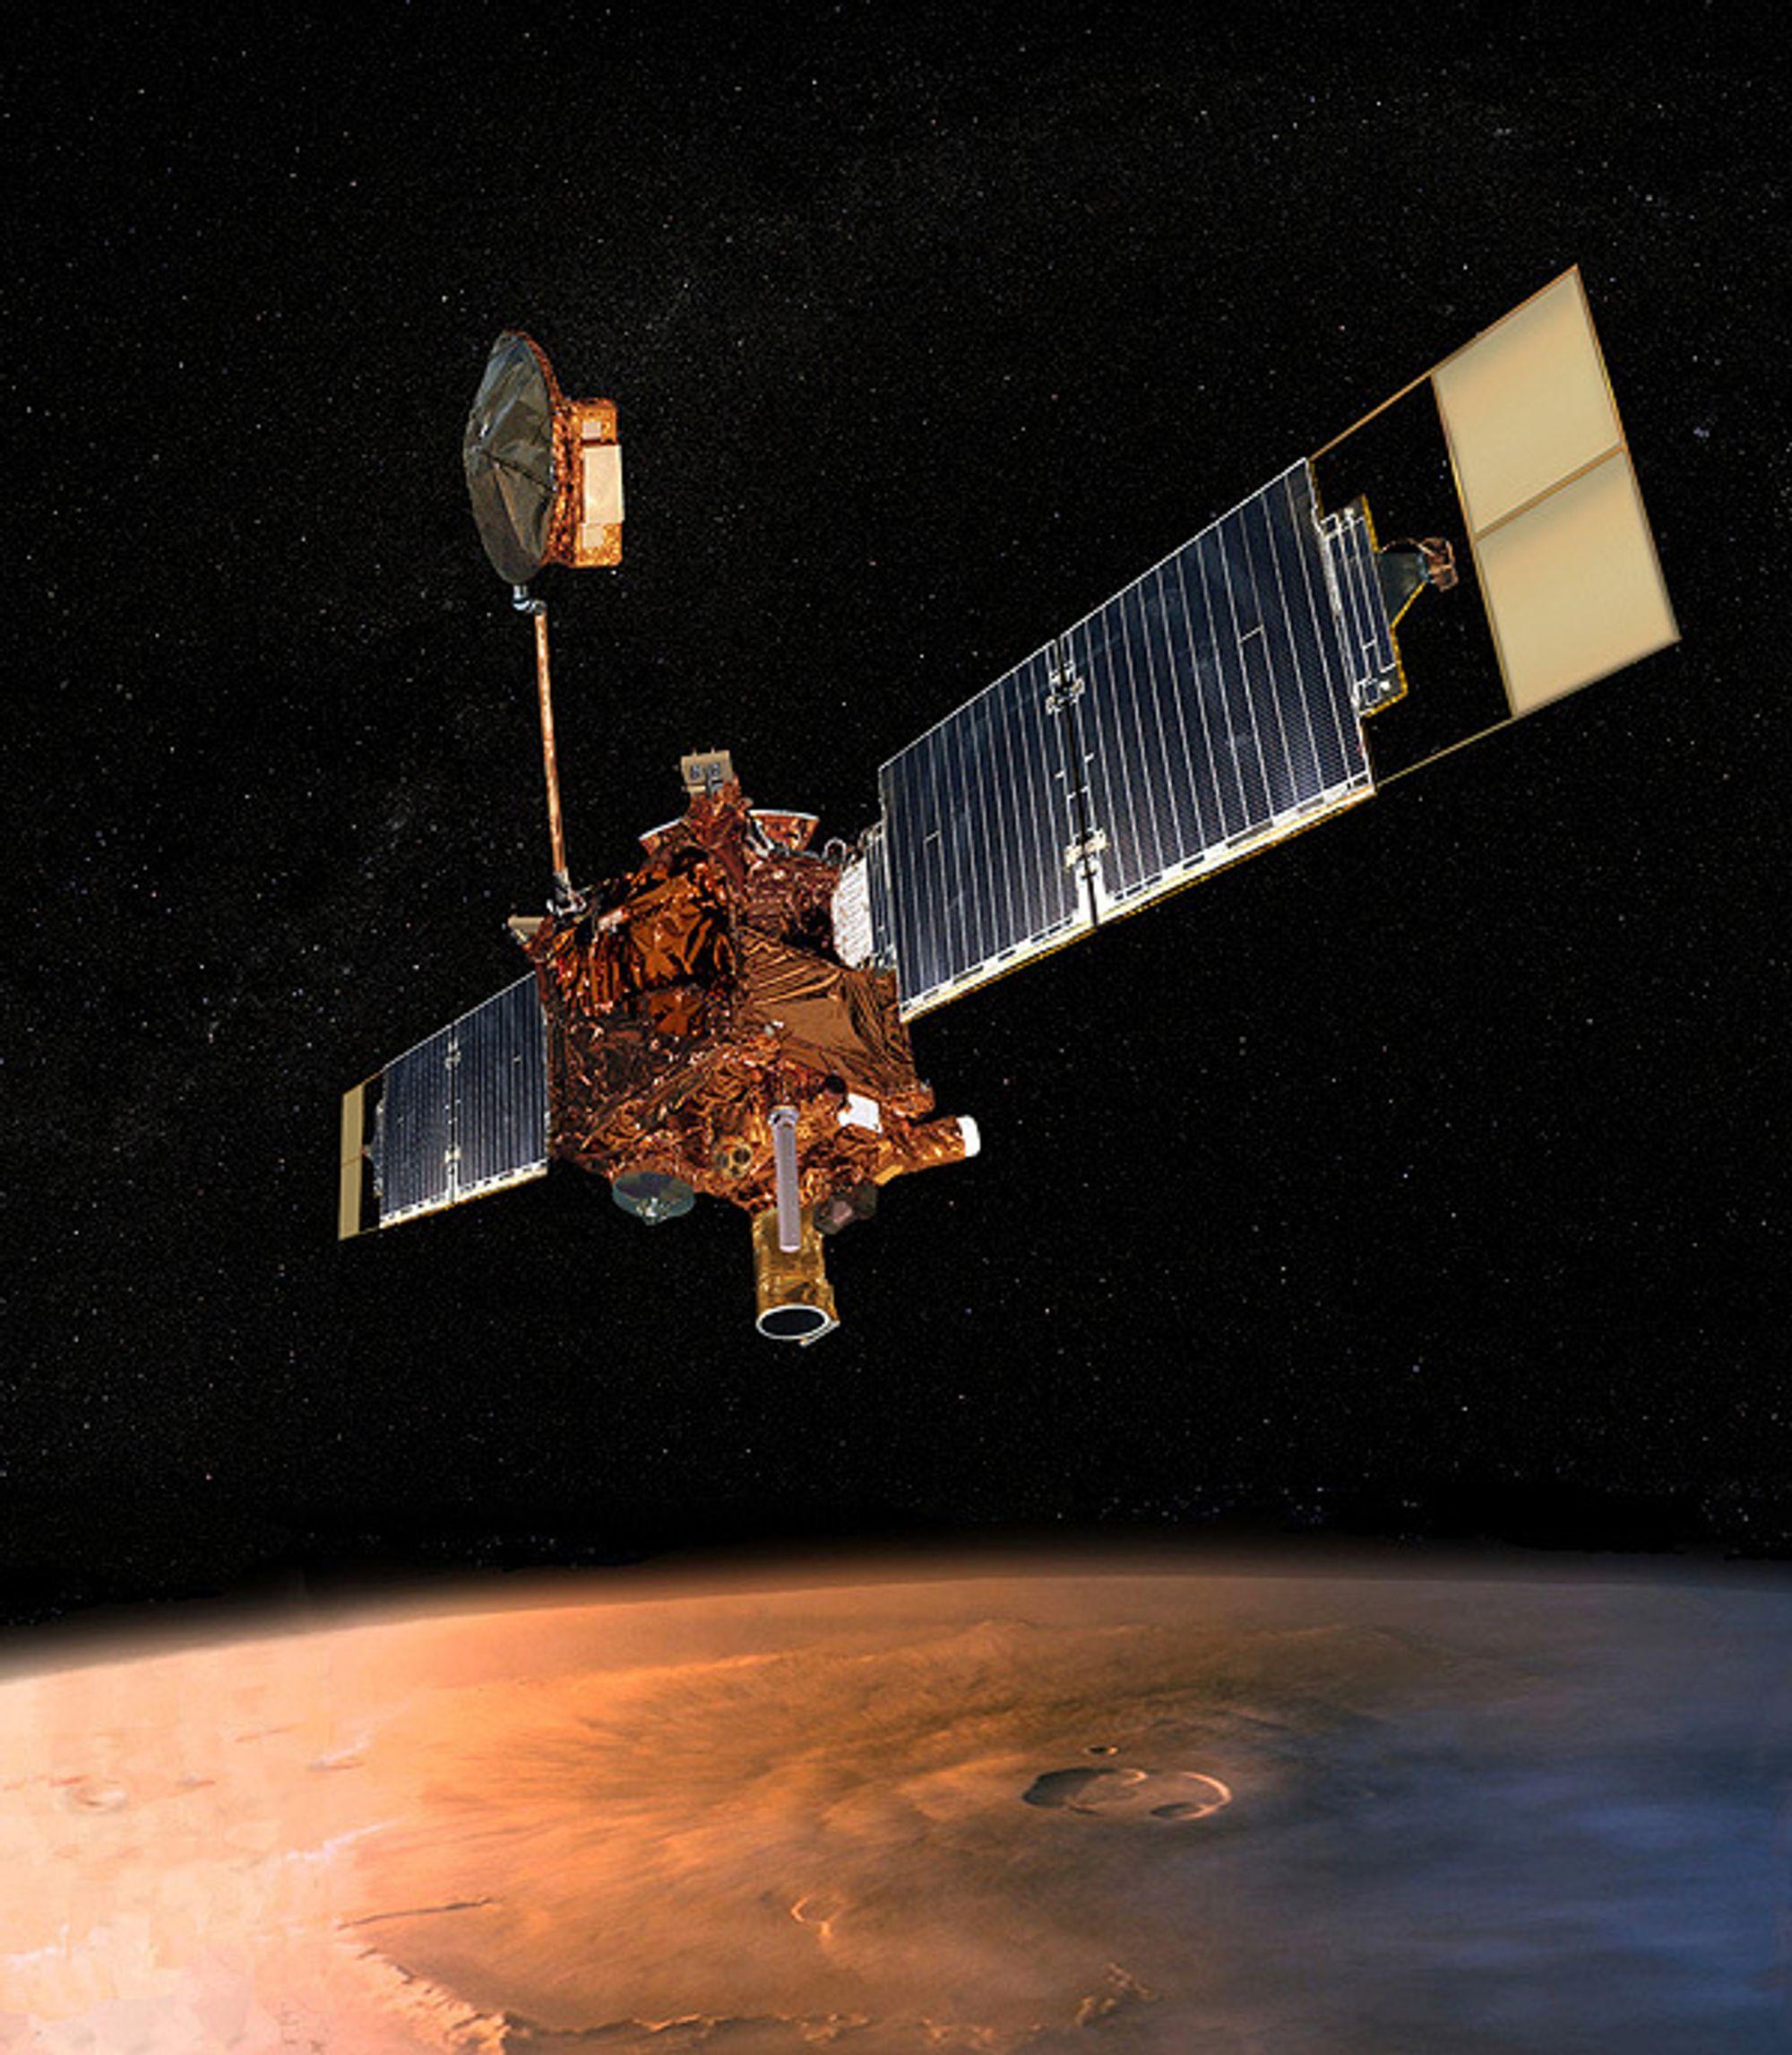 FORSVUNNET: Romsonden Mars Global Surveyor seiler sin egen sjø et eller annet sted ute i rommet. NASA mistet kontakt i begynnelsen av november 2006.